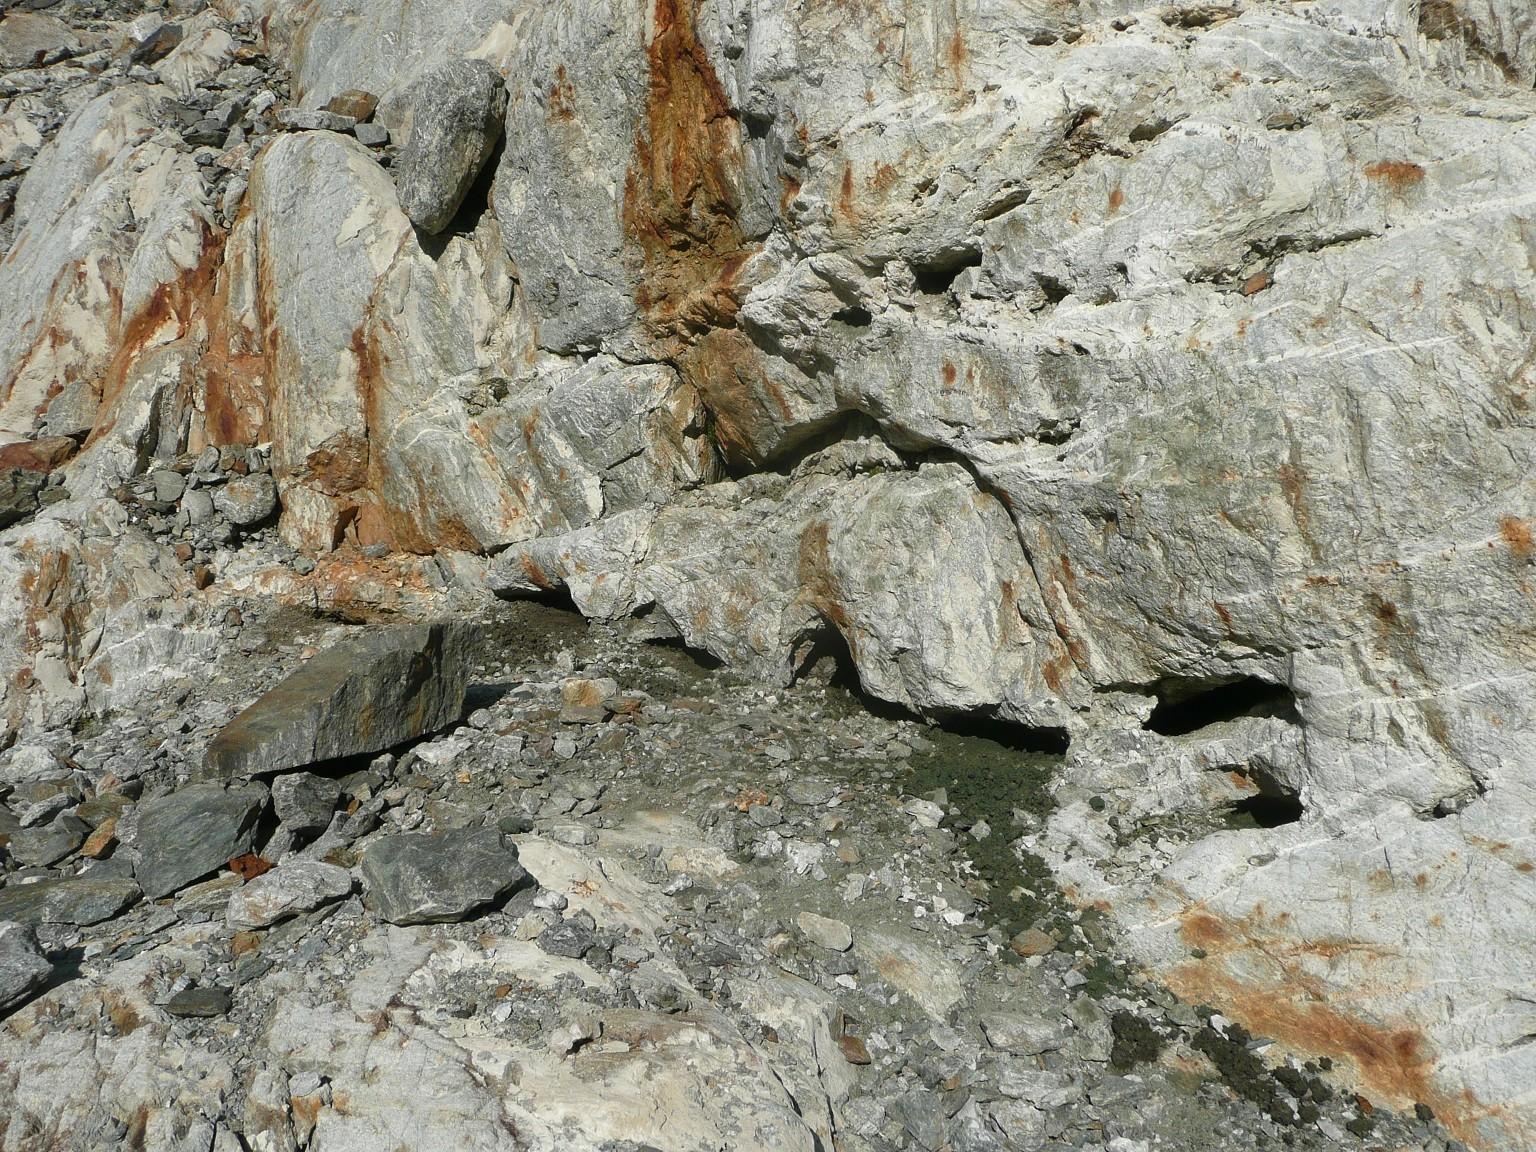 Kluftsystem am Steingletscher, Sustenpass